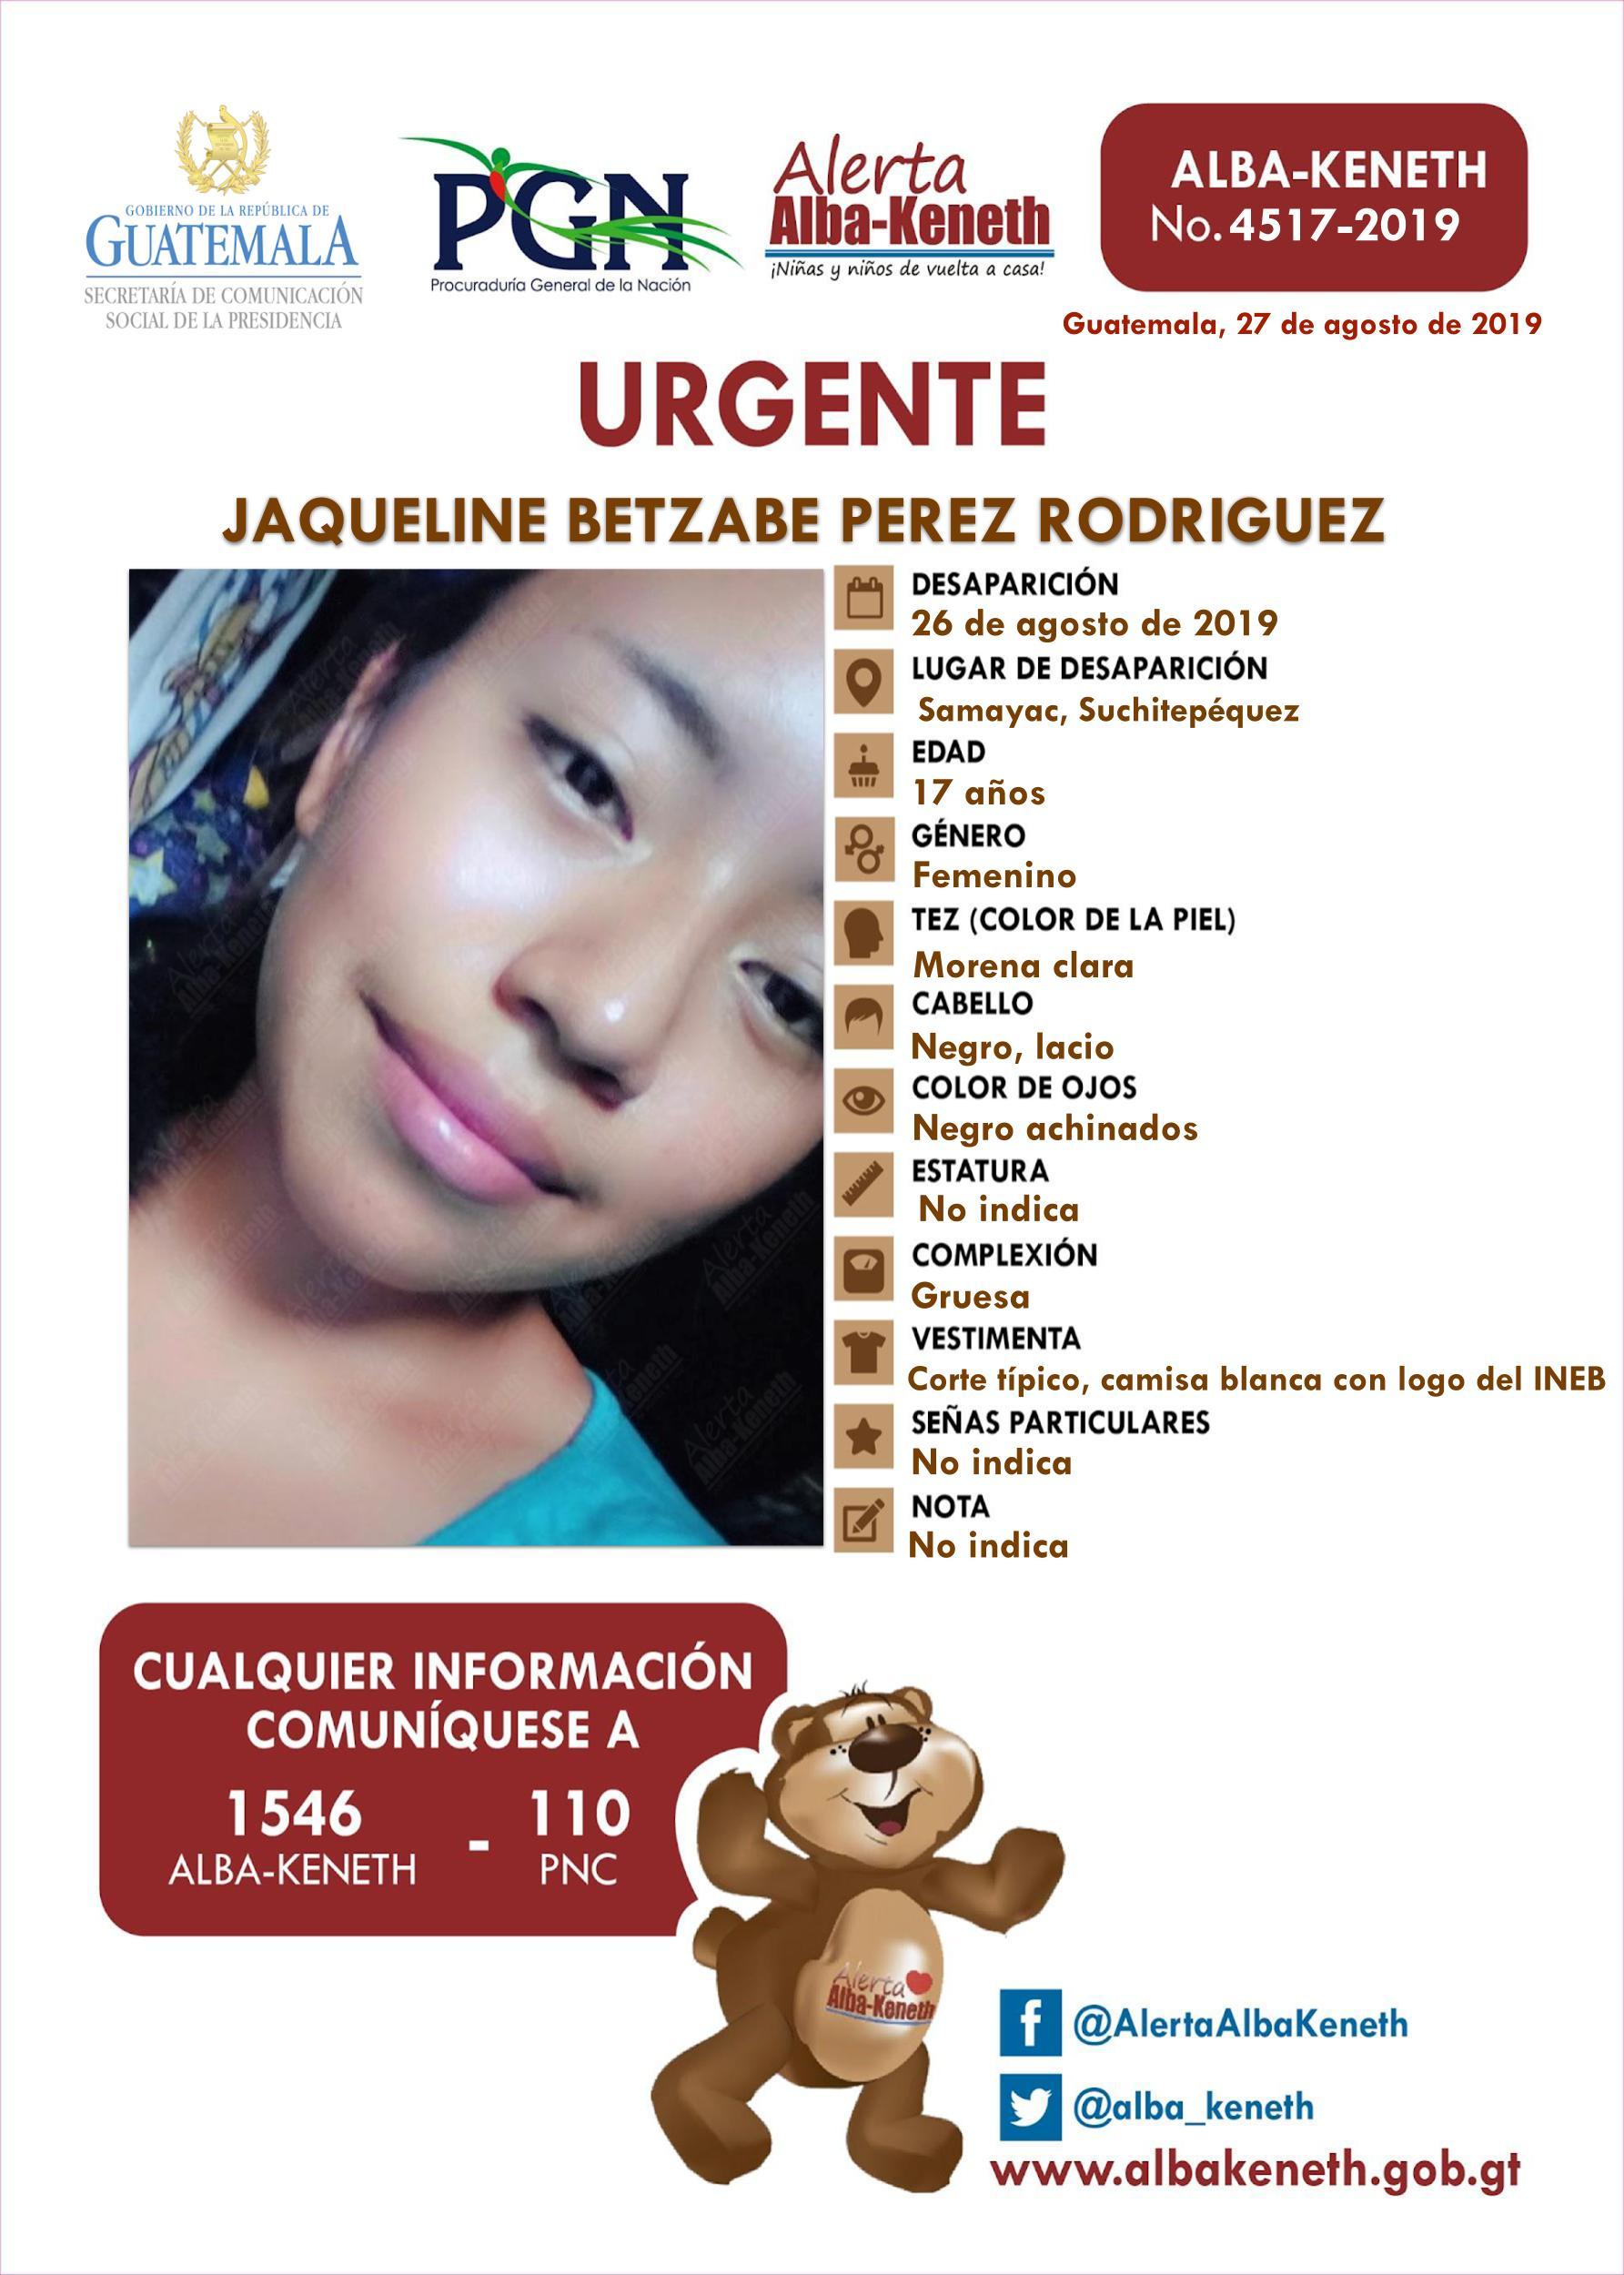 Jaqueline Betzabe Perez Rodriguez